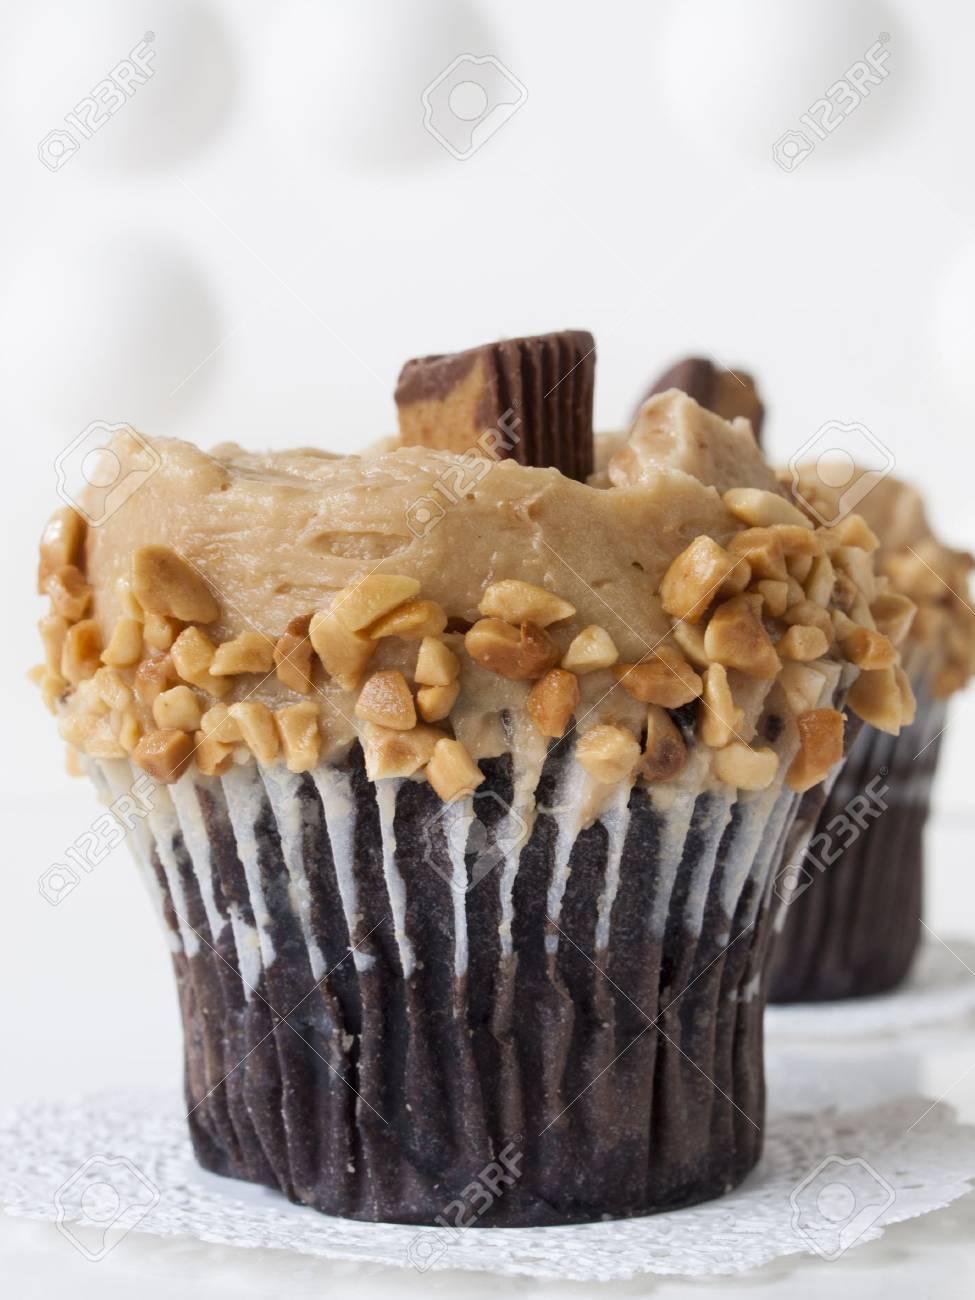 Gourmet Reese Peanut Butter Cups Kuchen Auf Weissem Hintergrund